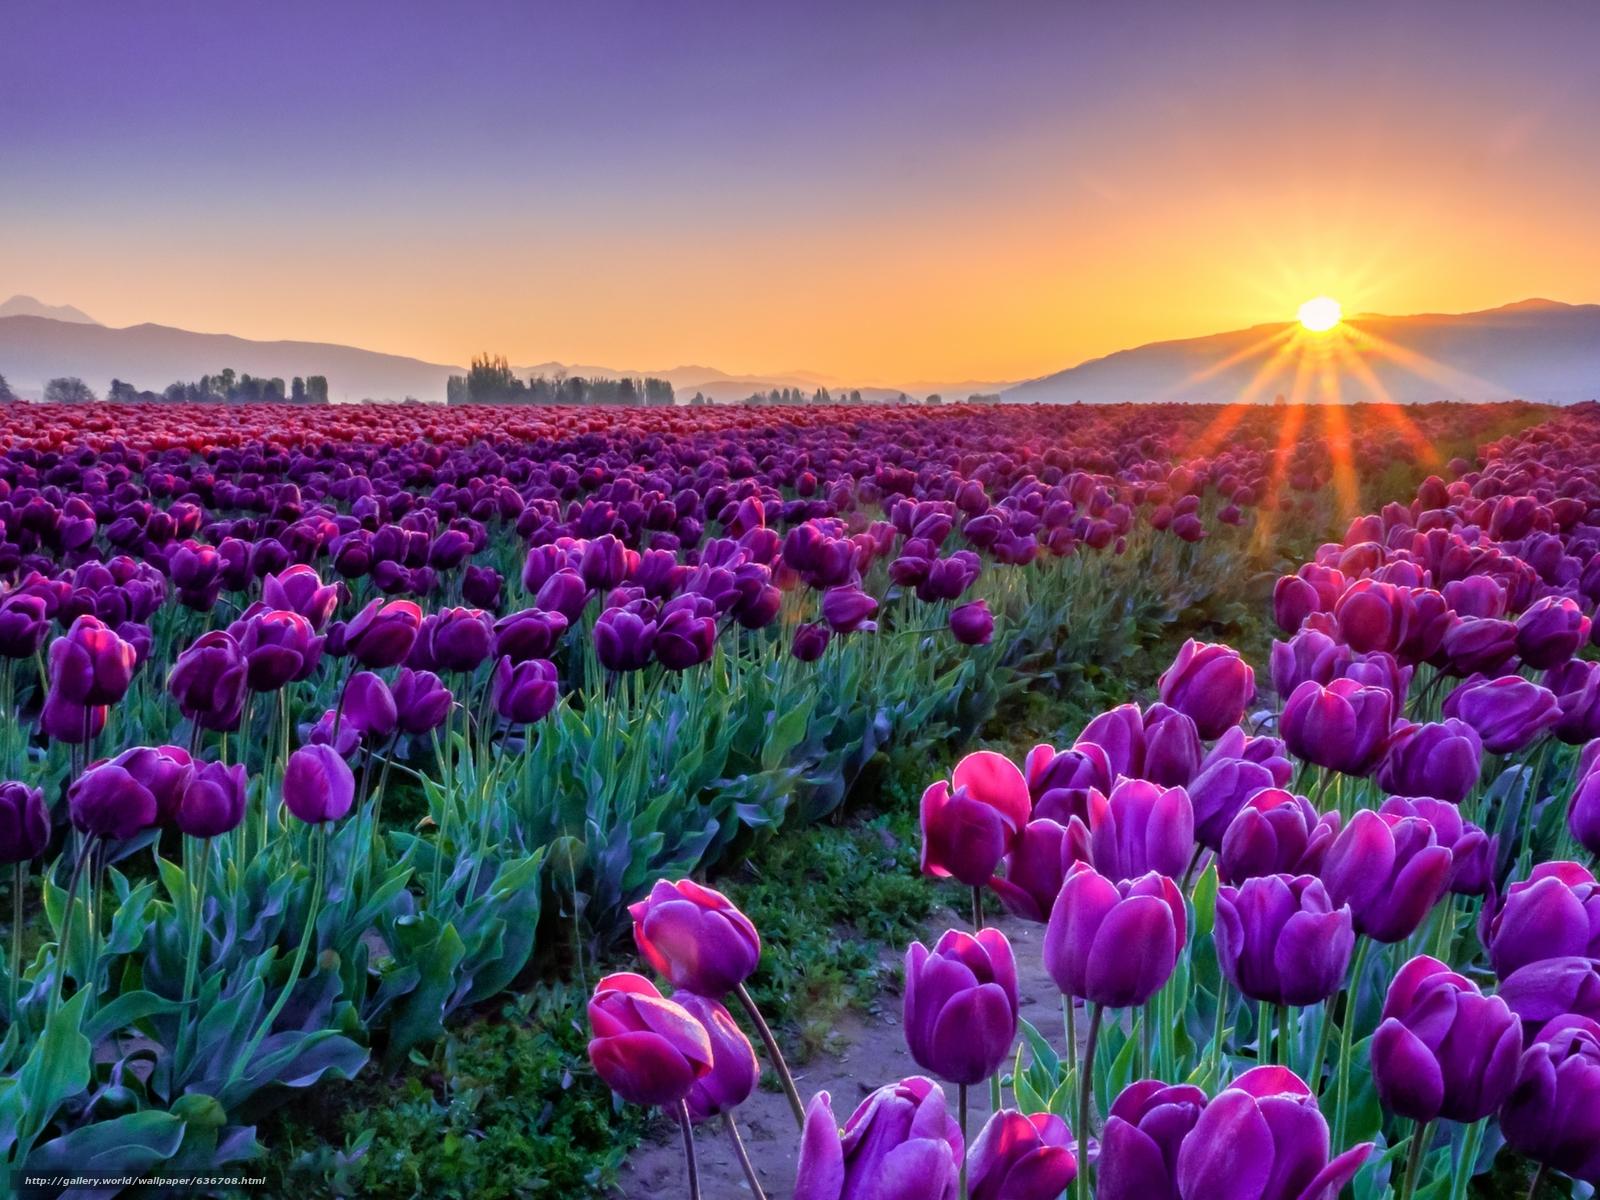 Scaricare gli sfondi tramonto campo tulipani fiori for Immagini per desktop fiori